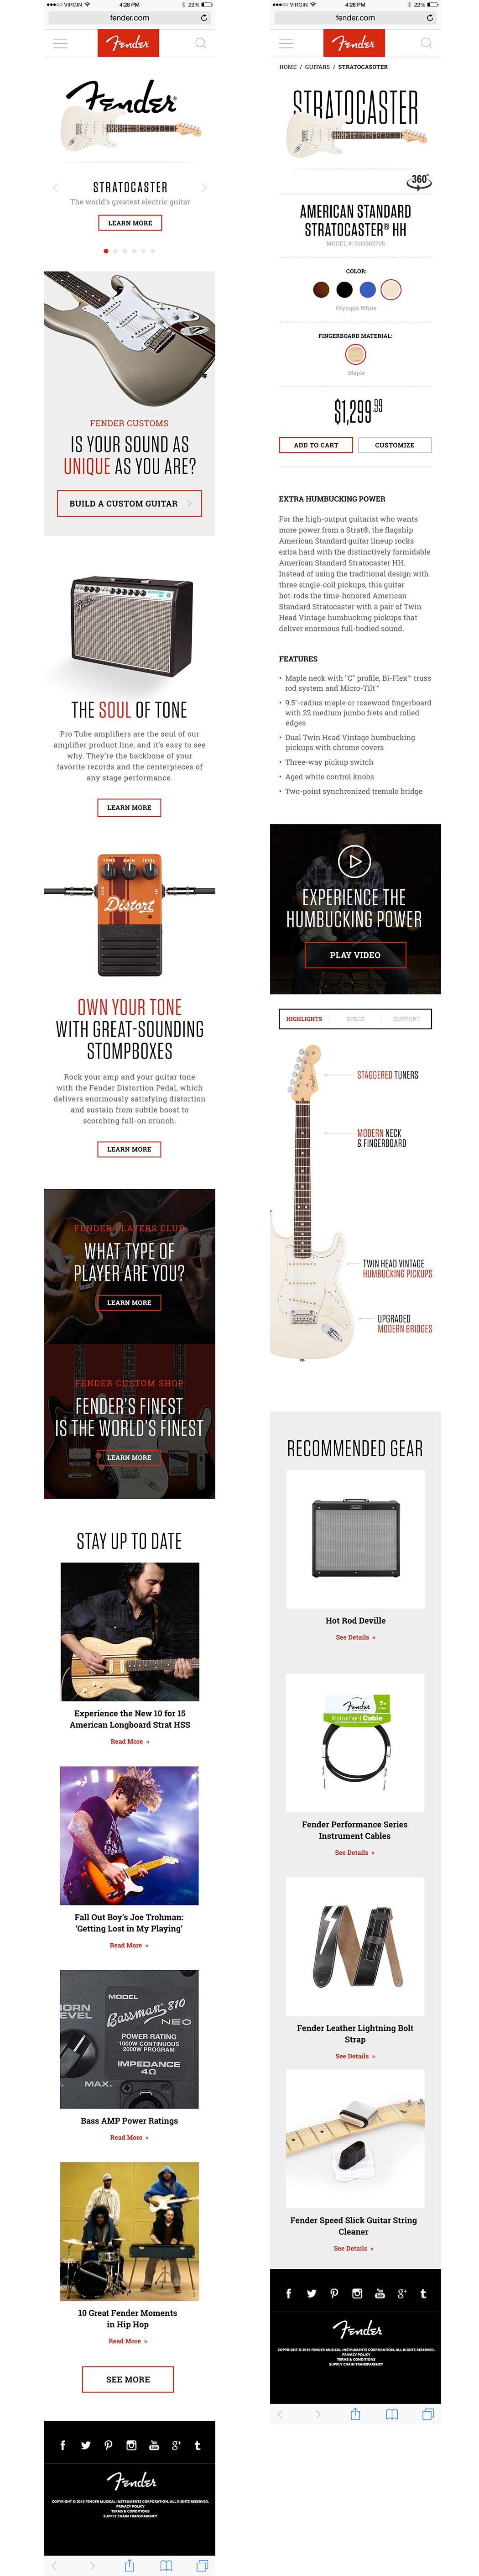 Fender_Mobile